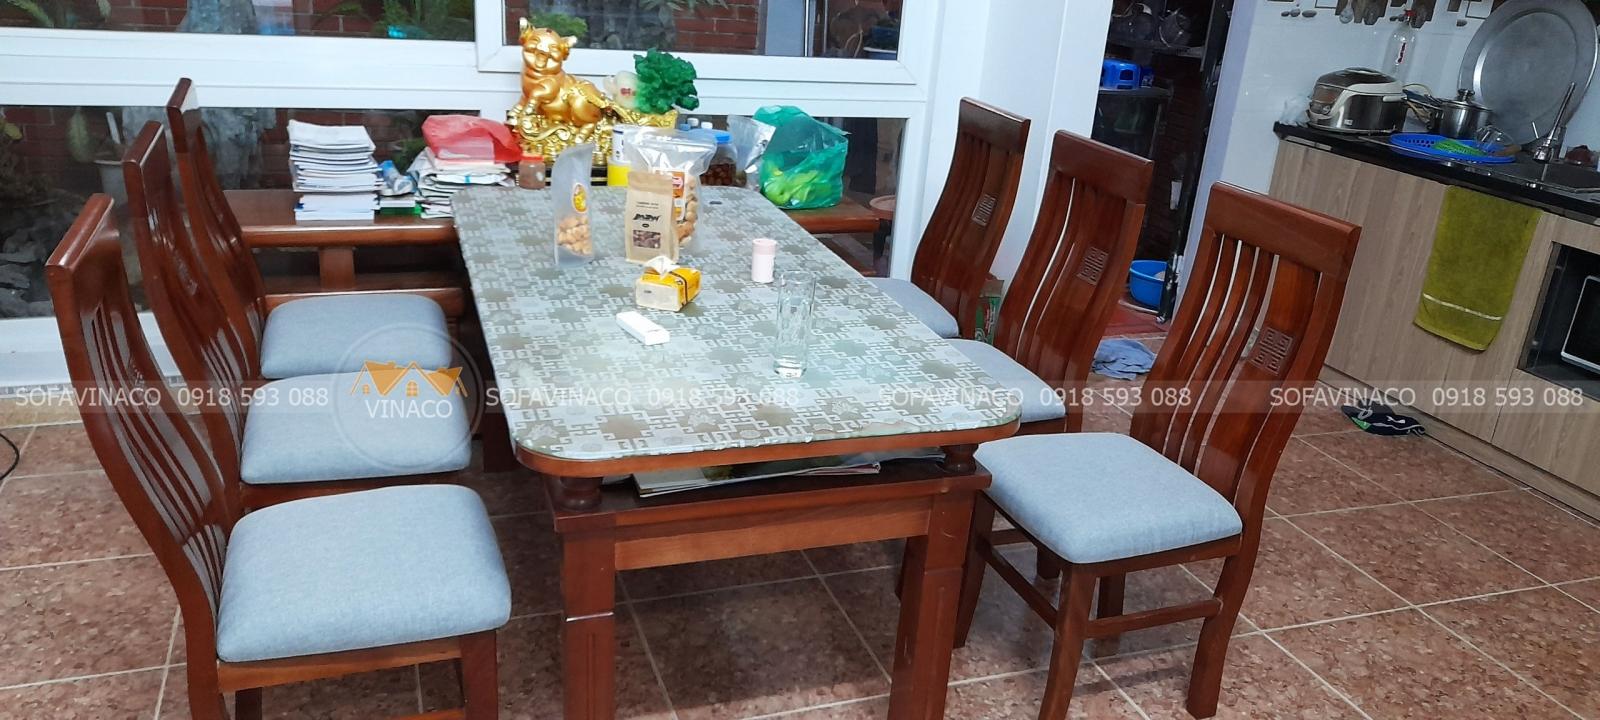 Biến bàn ăn cũ thành mới trong tích tắc bằng các bước đơn giản